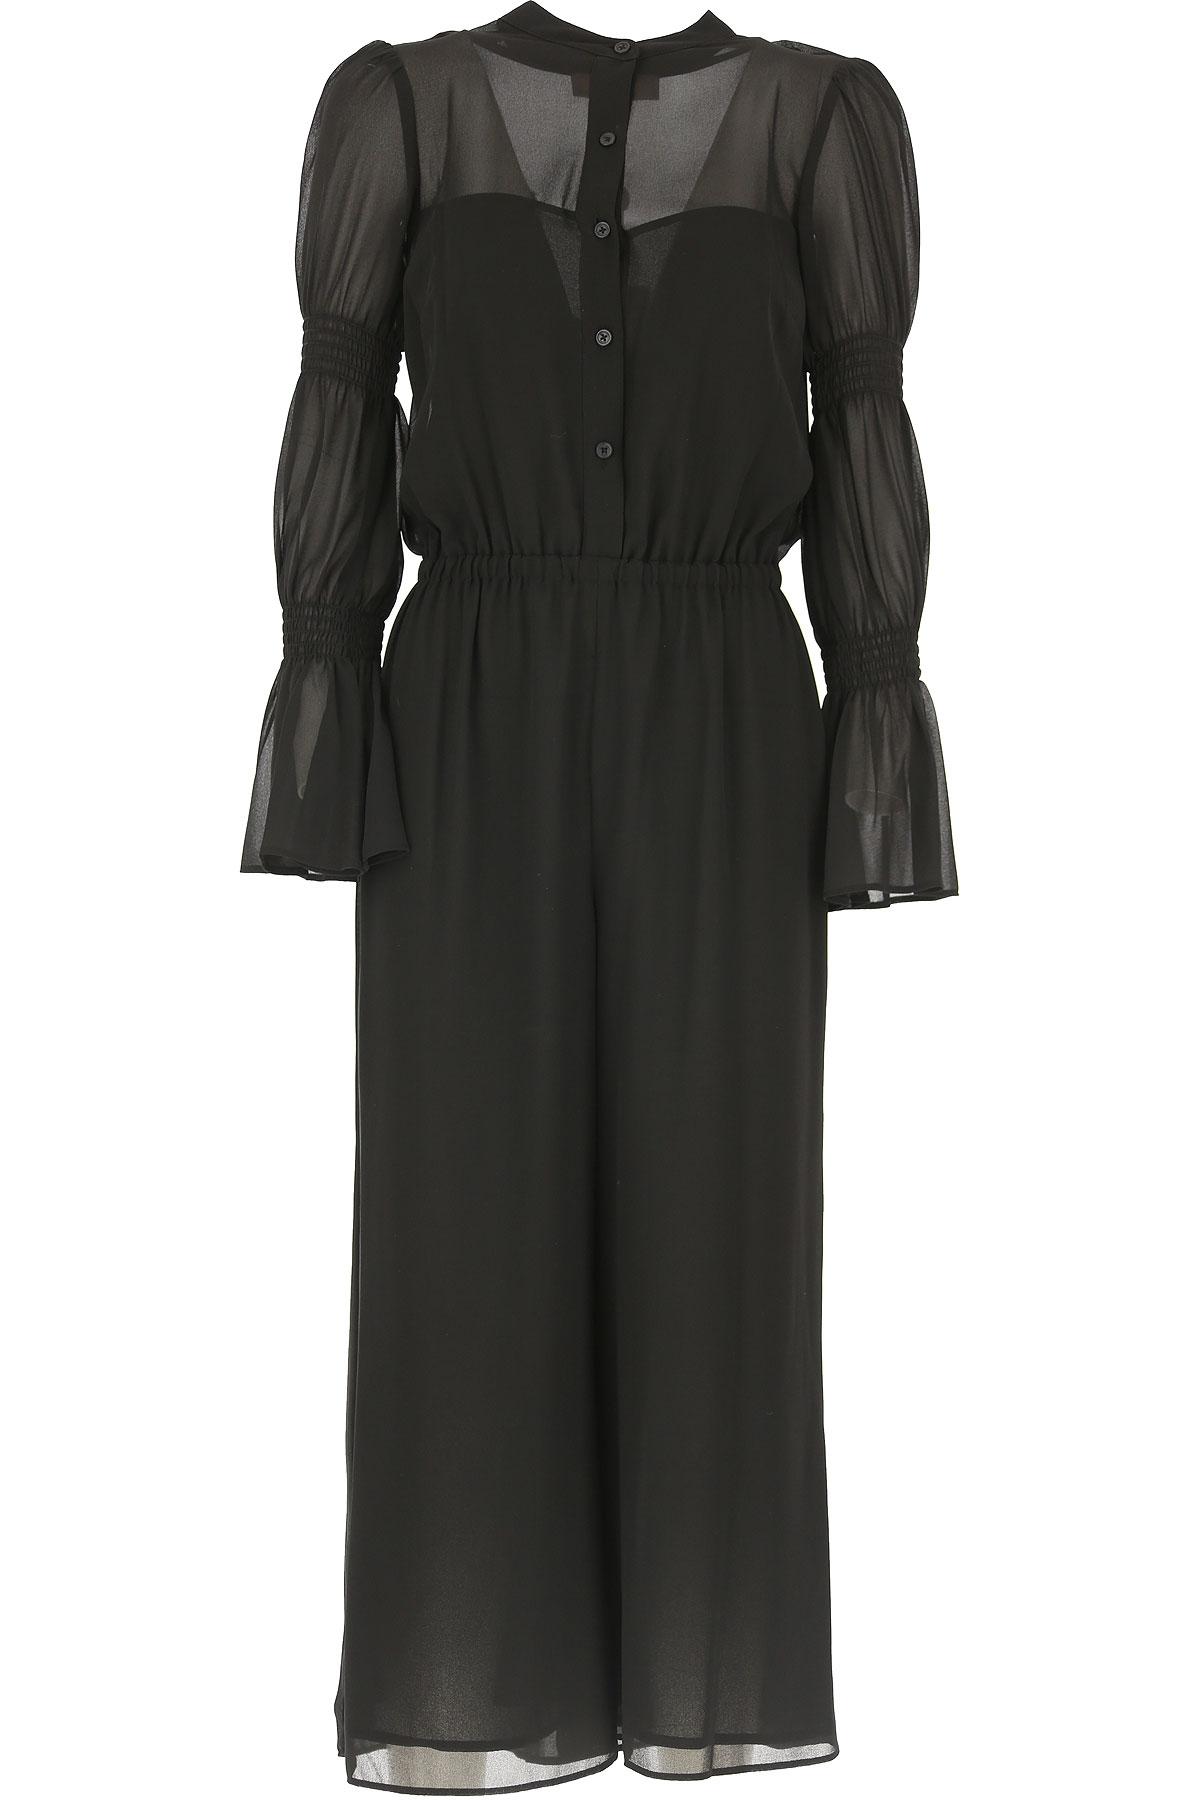 Michael Kors Abito Donna Vestito elegante, Nero, polyester, 2019, 40 42 44